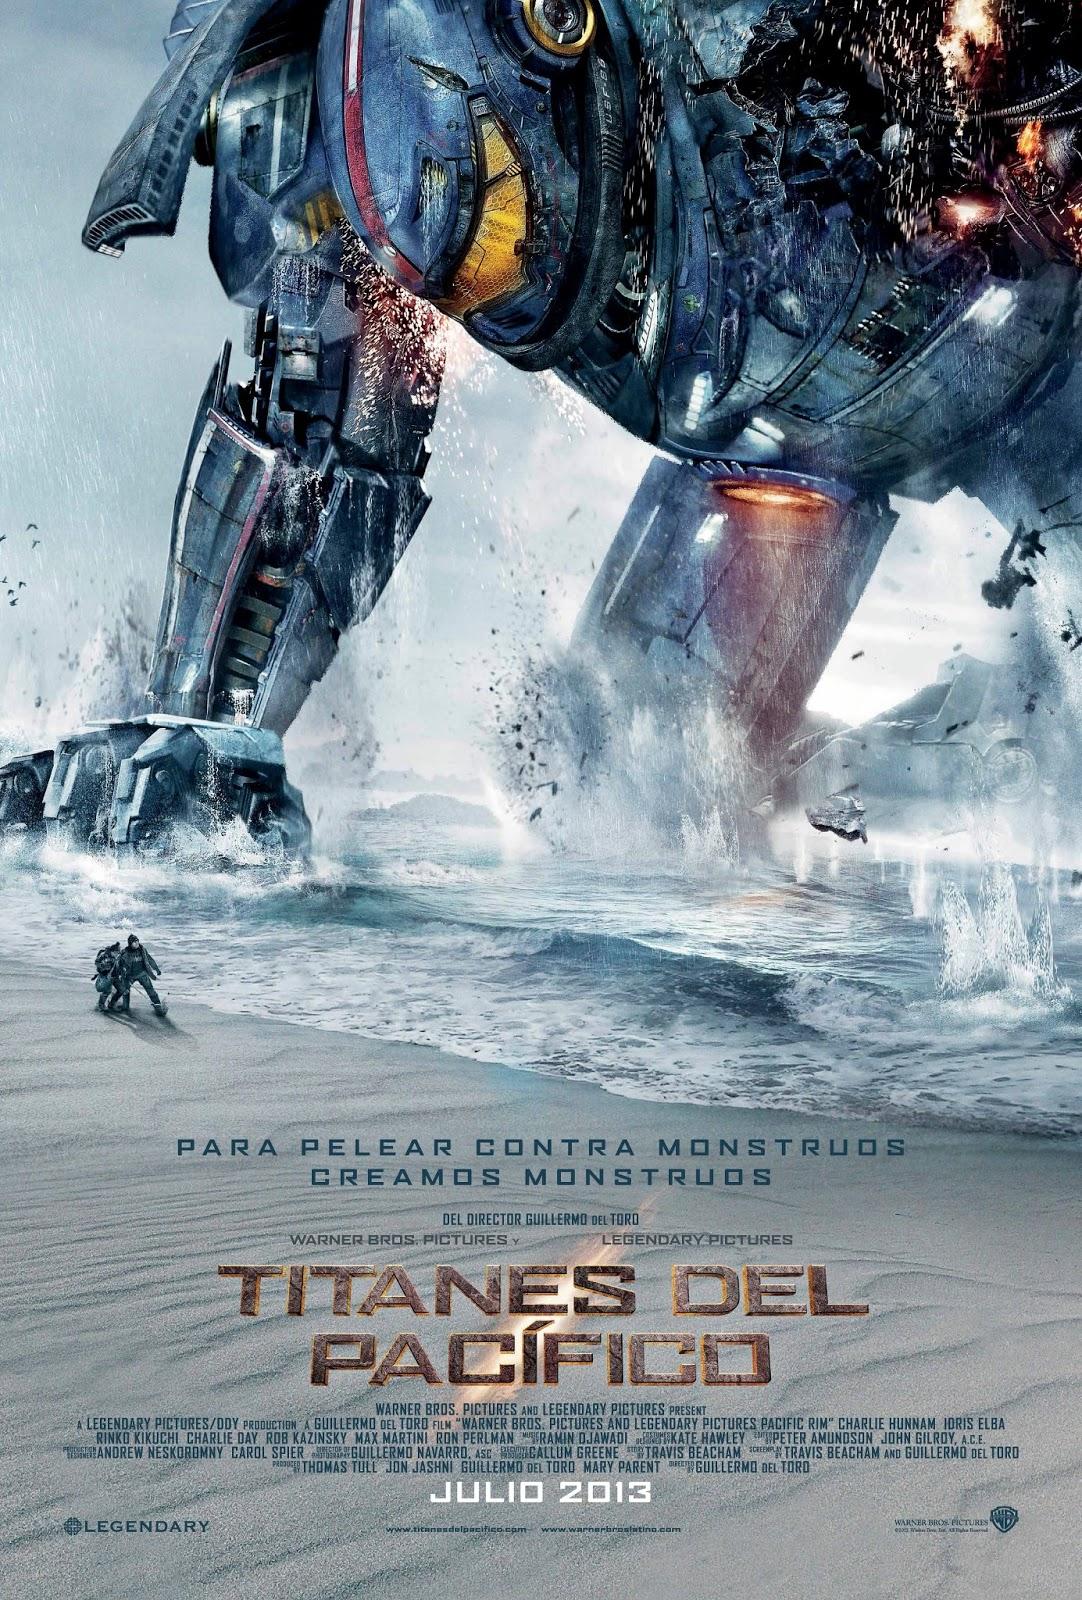 Titanes del pacifico lo nuevo de Guillermo Del Toro